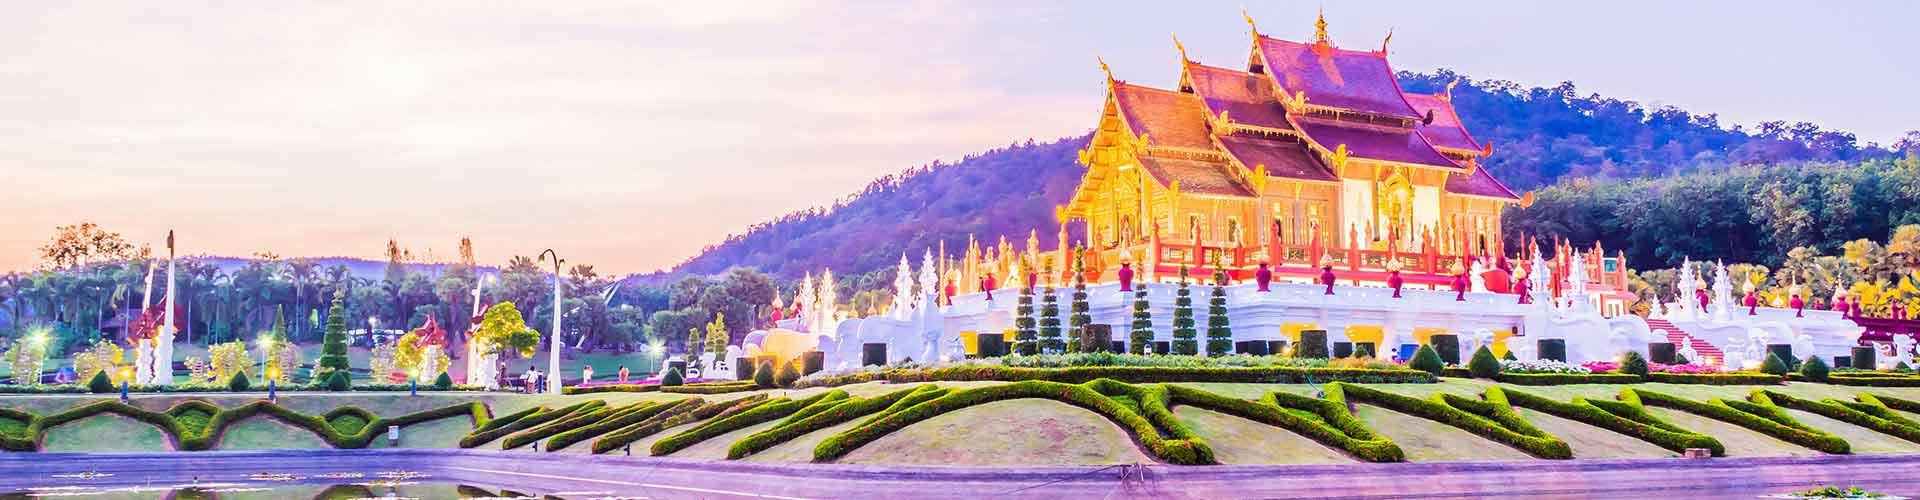 Chiang Mai - Ifjúsági Szállások Chiang Maiben. Chiang Mai térképek, fotók és ajánlások minden egyes ifjúsági szállásokra Chiang Mai-ben.